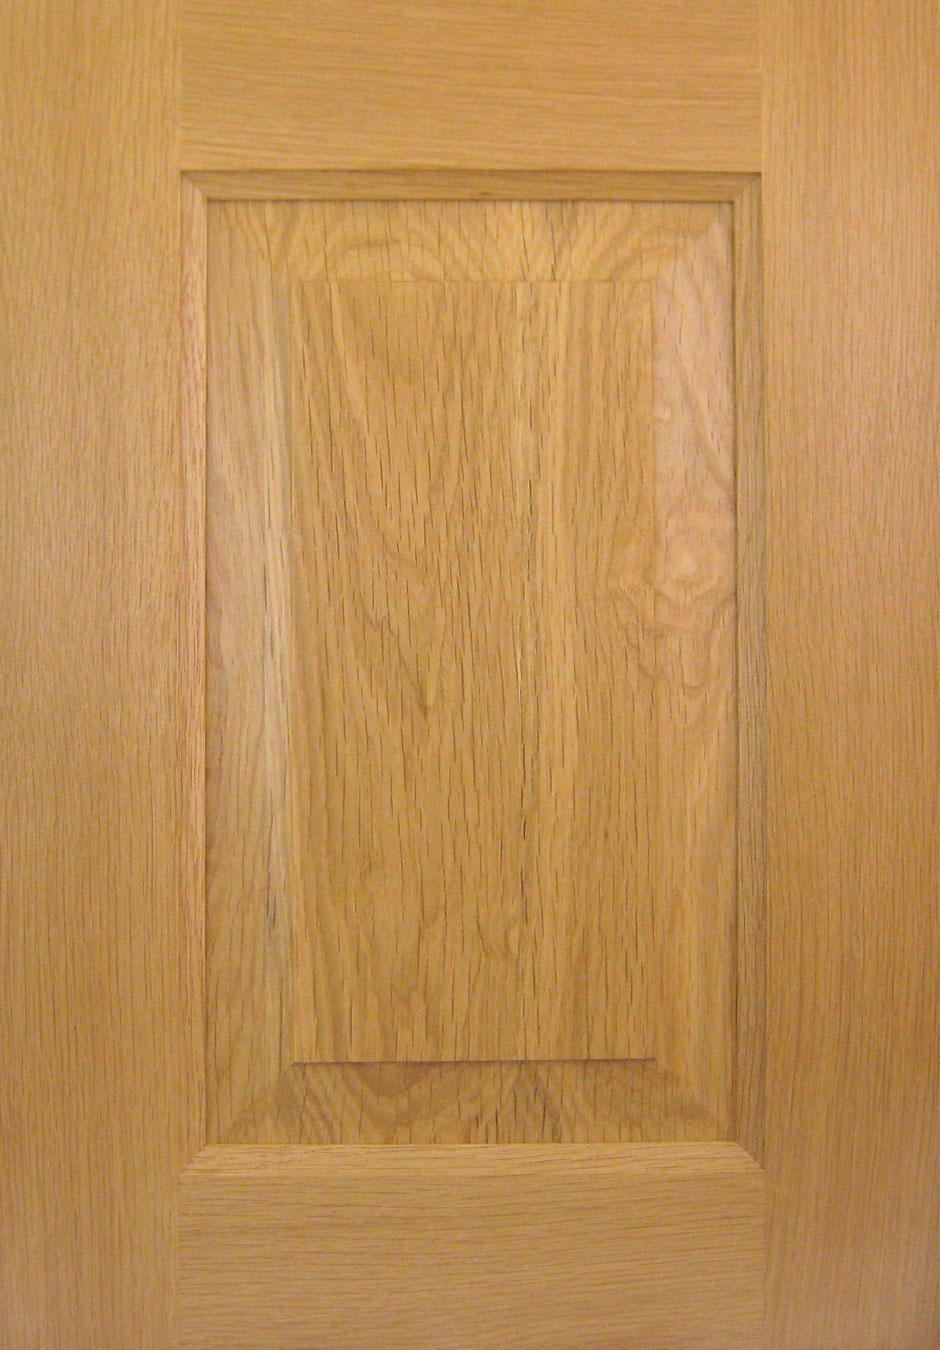 Oak - White - Select